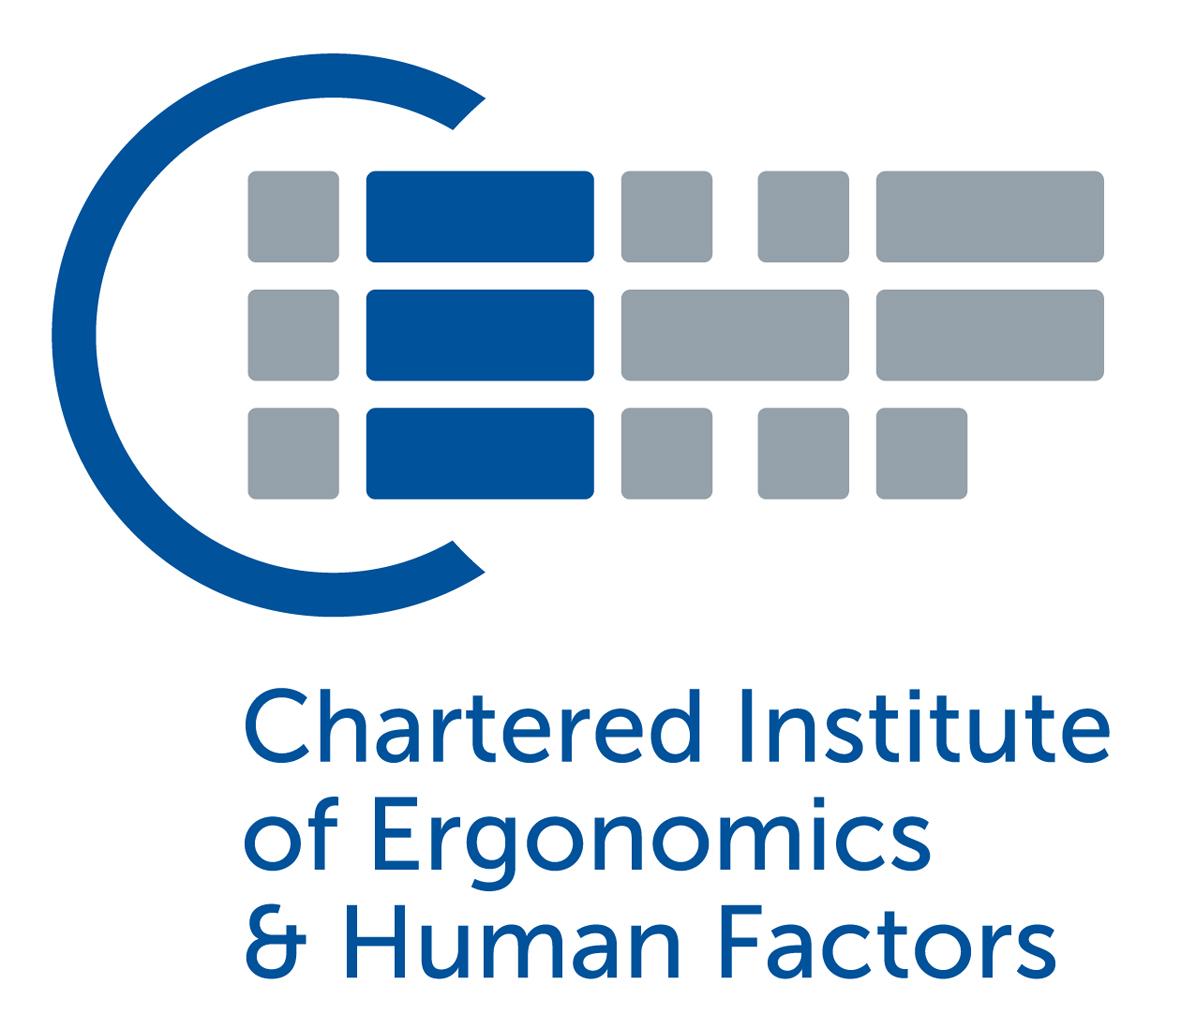 CIEHF-logo-square-hi-res